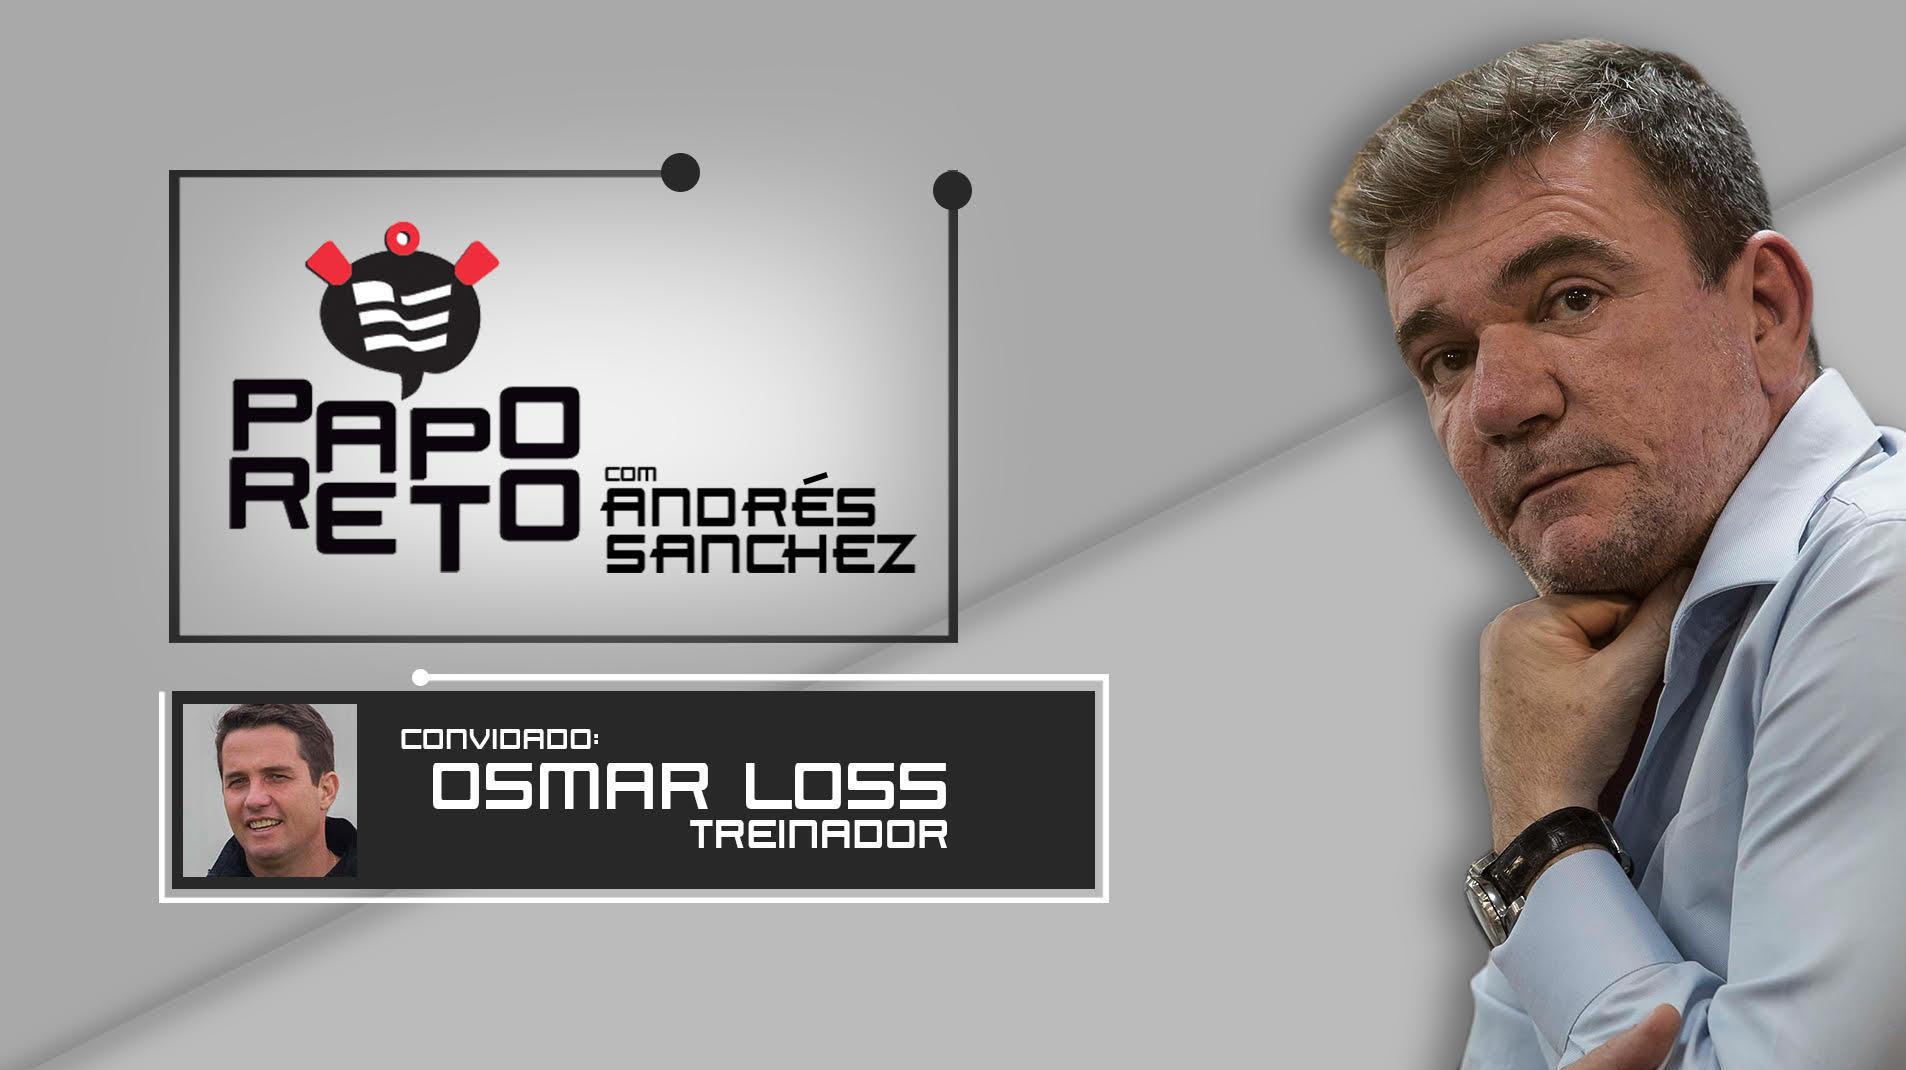 Papo Reto com Andrés Sanchez e Osmar Loss